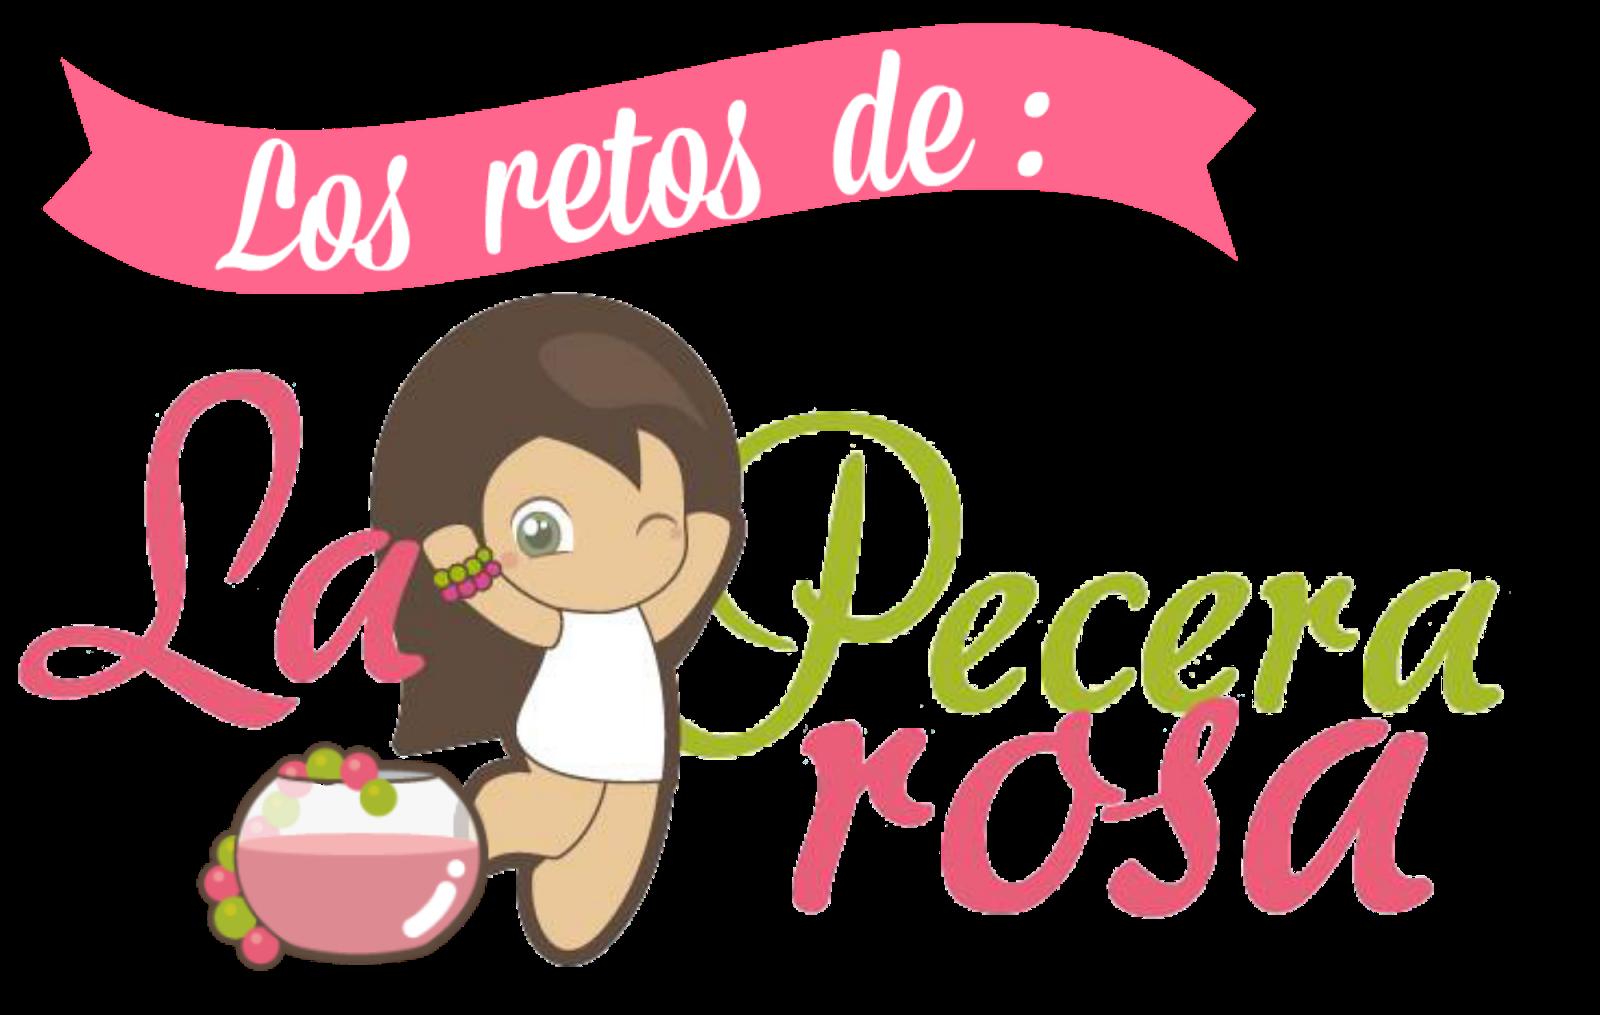 Participo en los retos de La Pecera Rosa